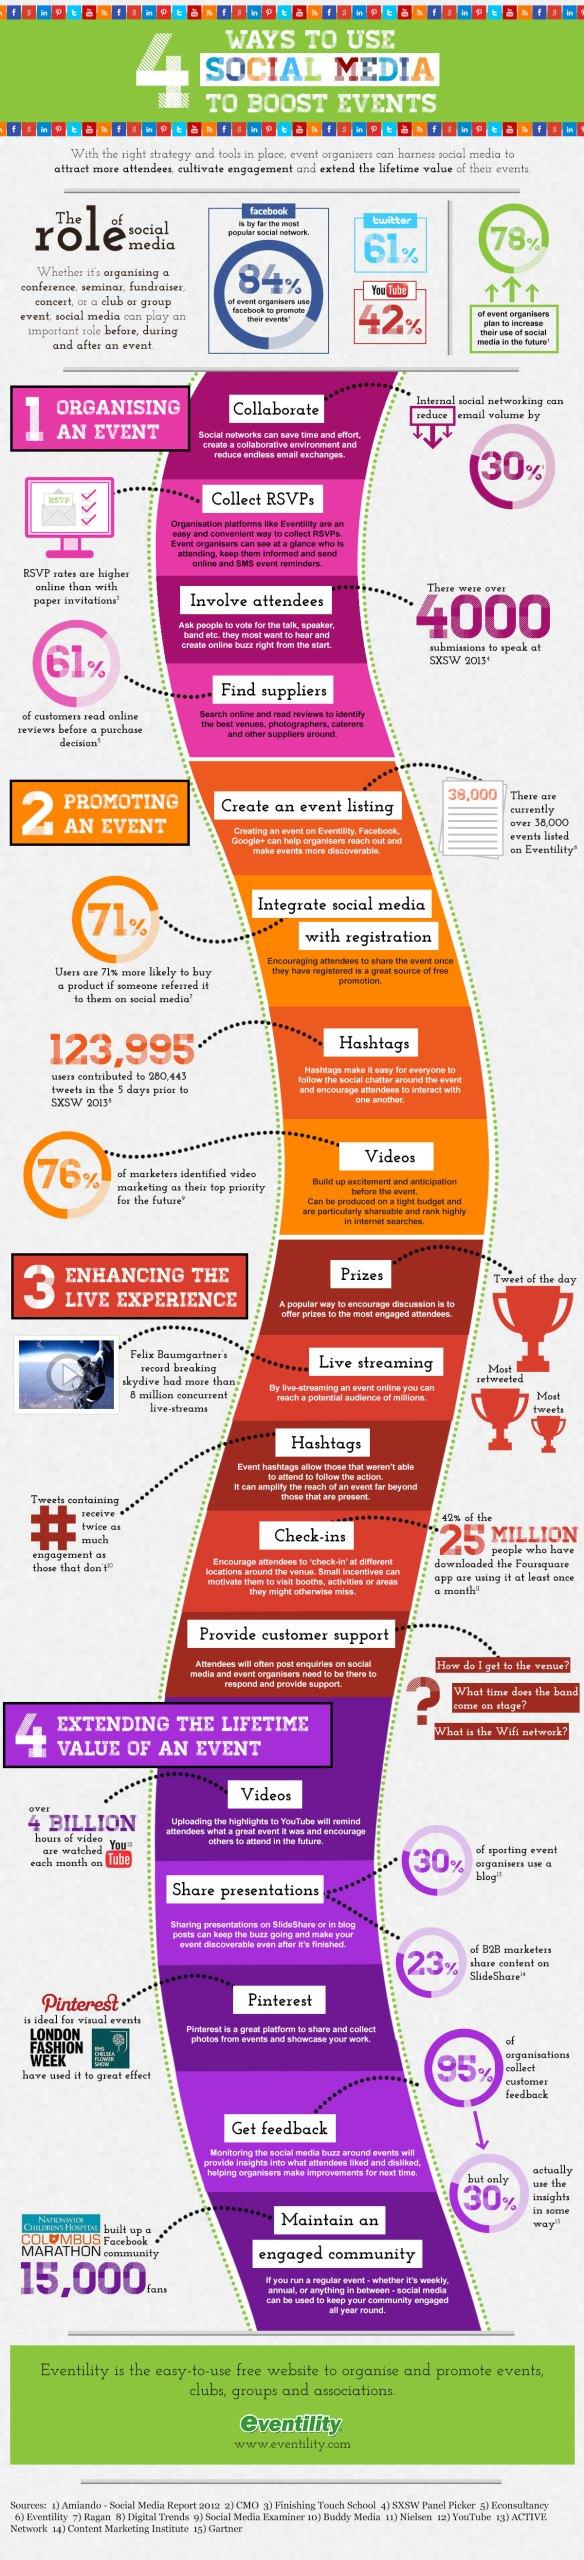 4 formas de usar Redes Sociales para impulsar un evento